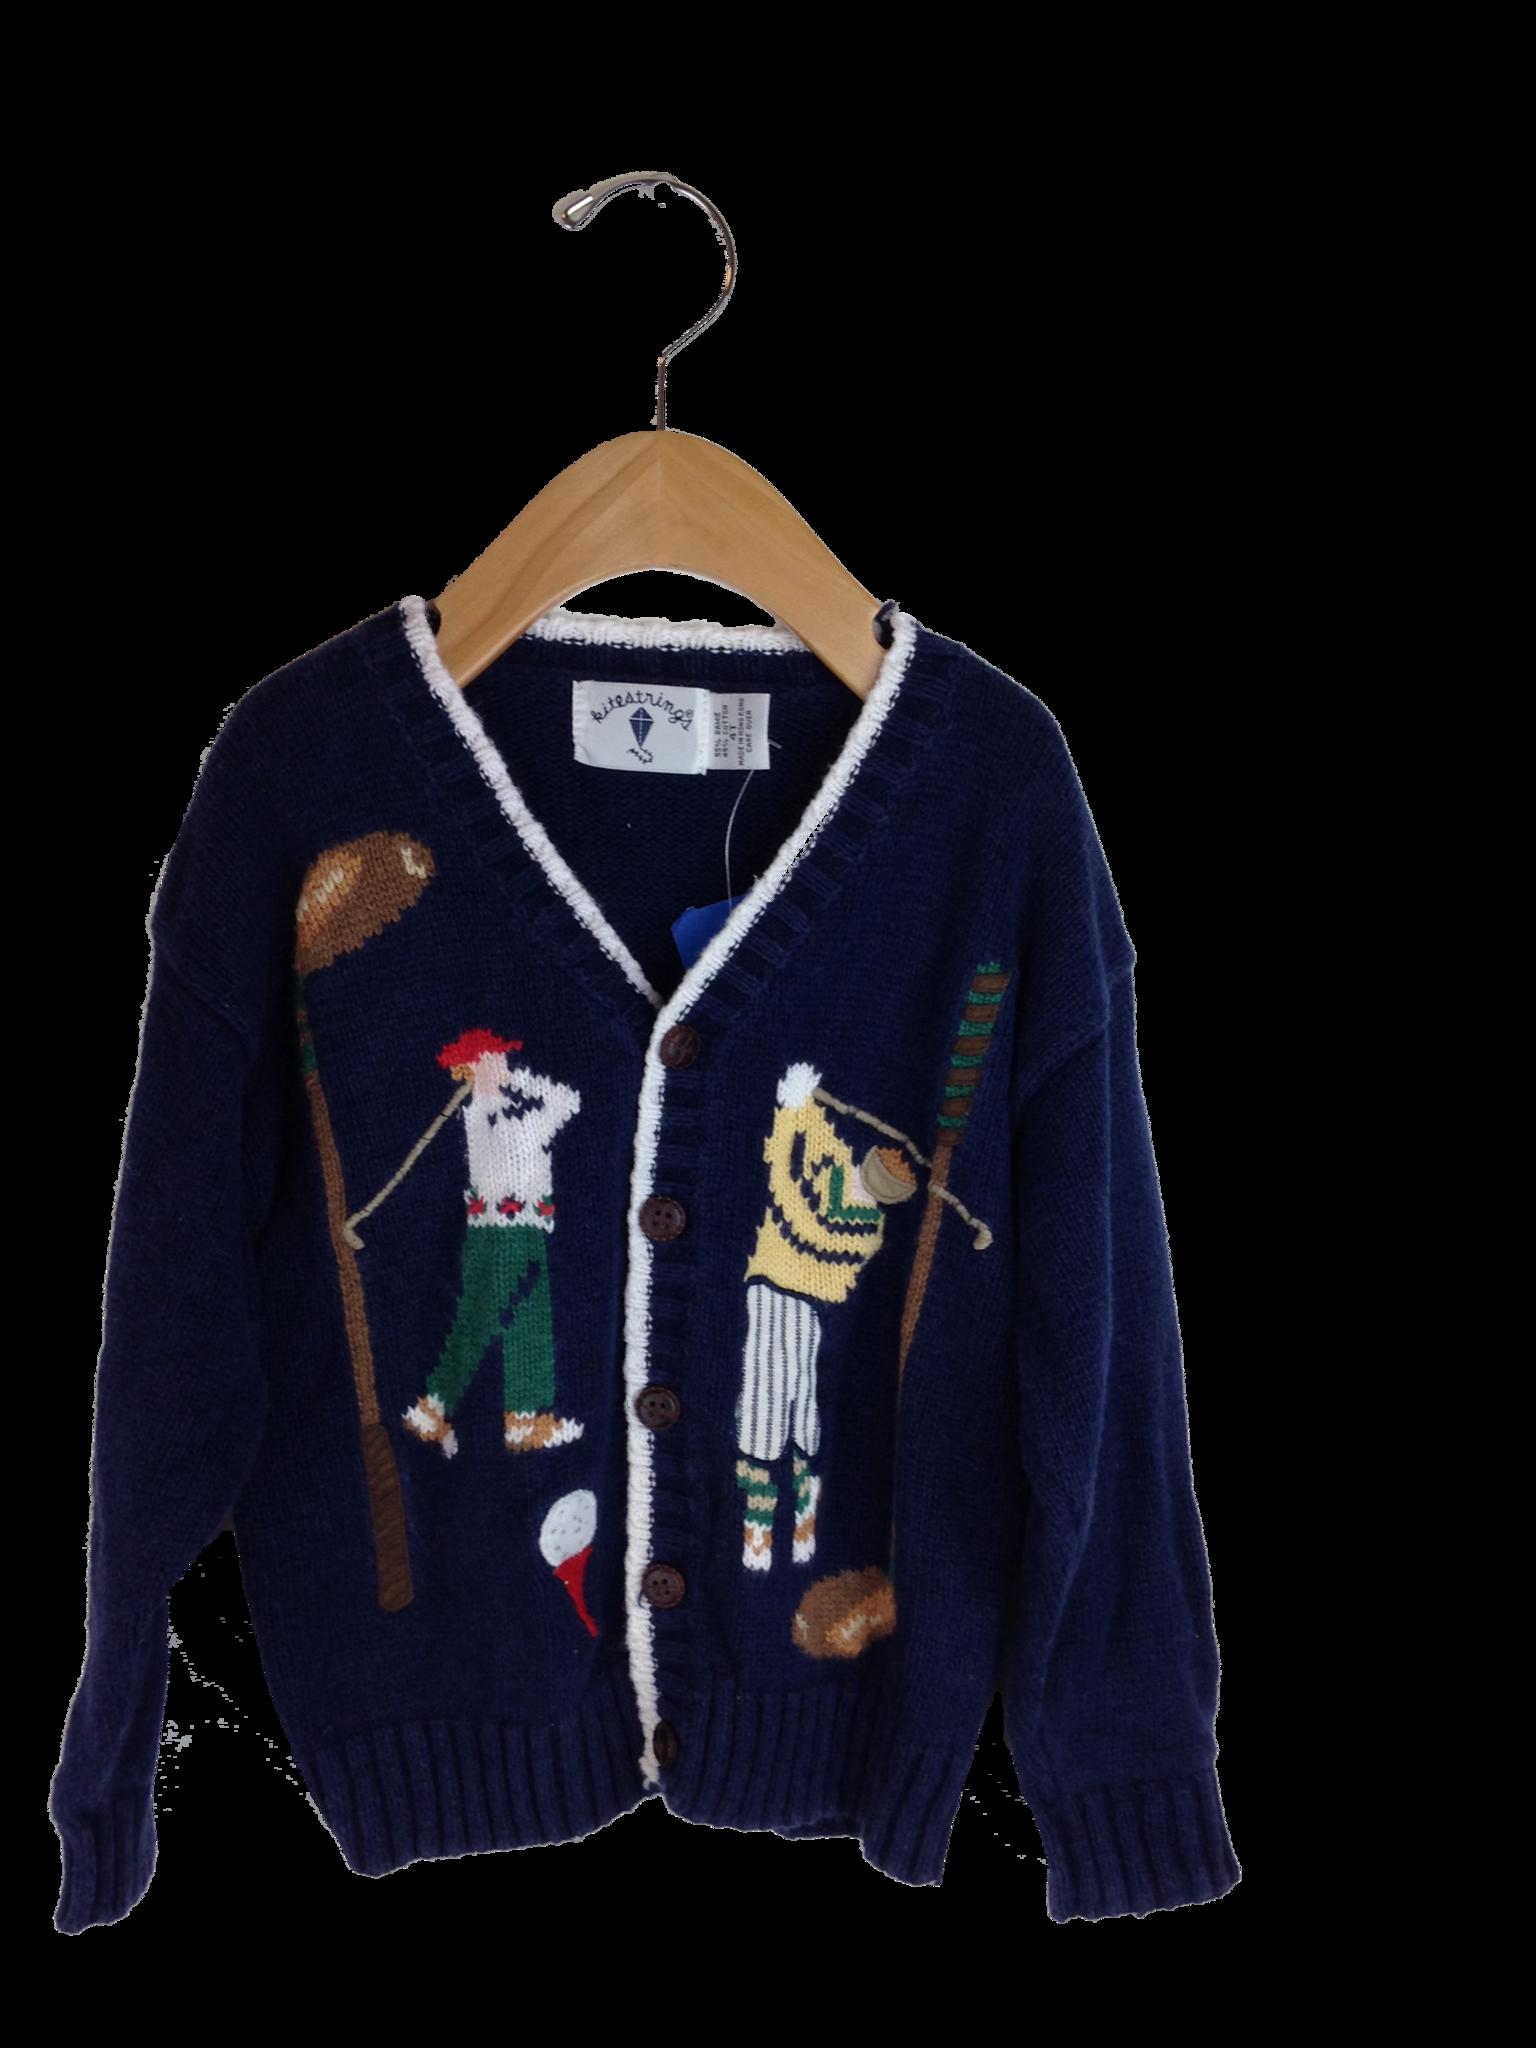 Sweater by Kitestrings by Hartstrings - Size 4T  d4be6edbf